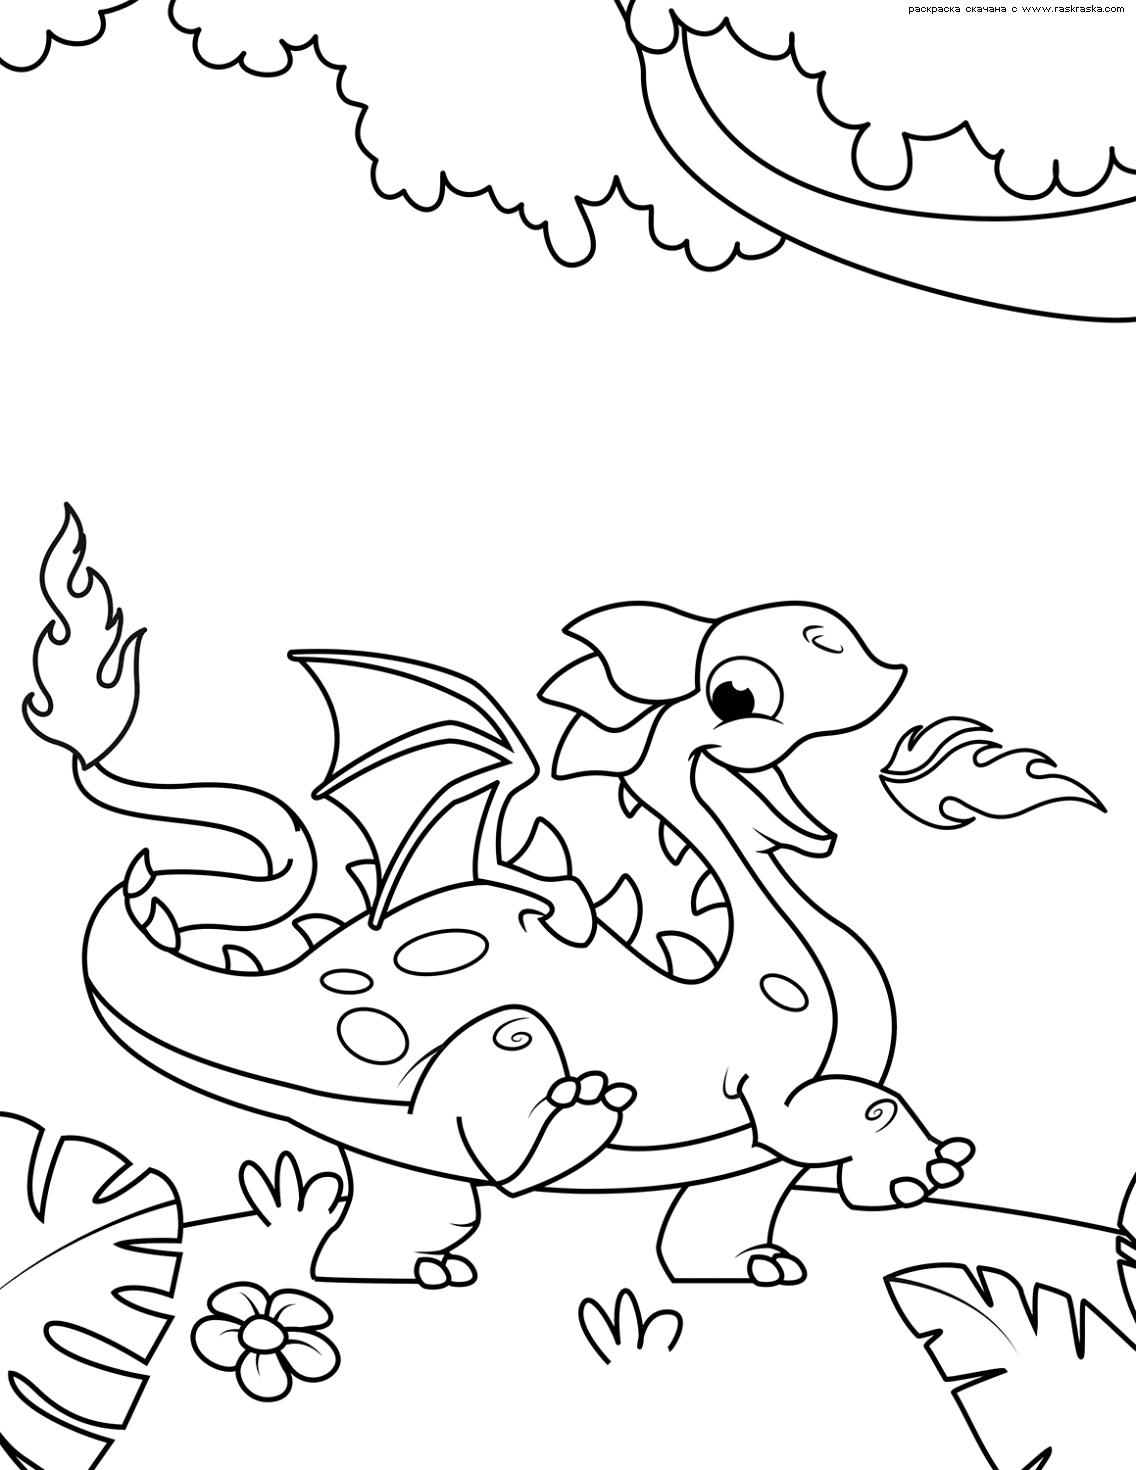 Раскраска Веселый дракончик | Раскраски с дракончиками для ...